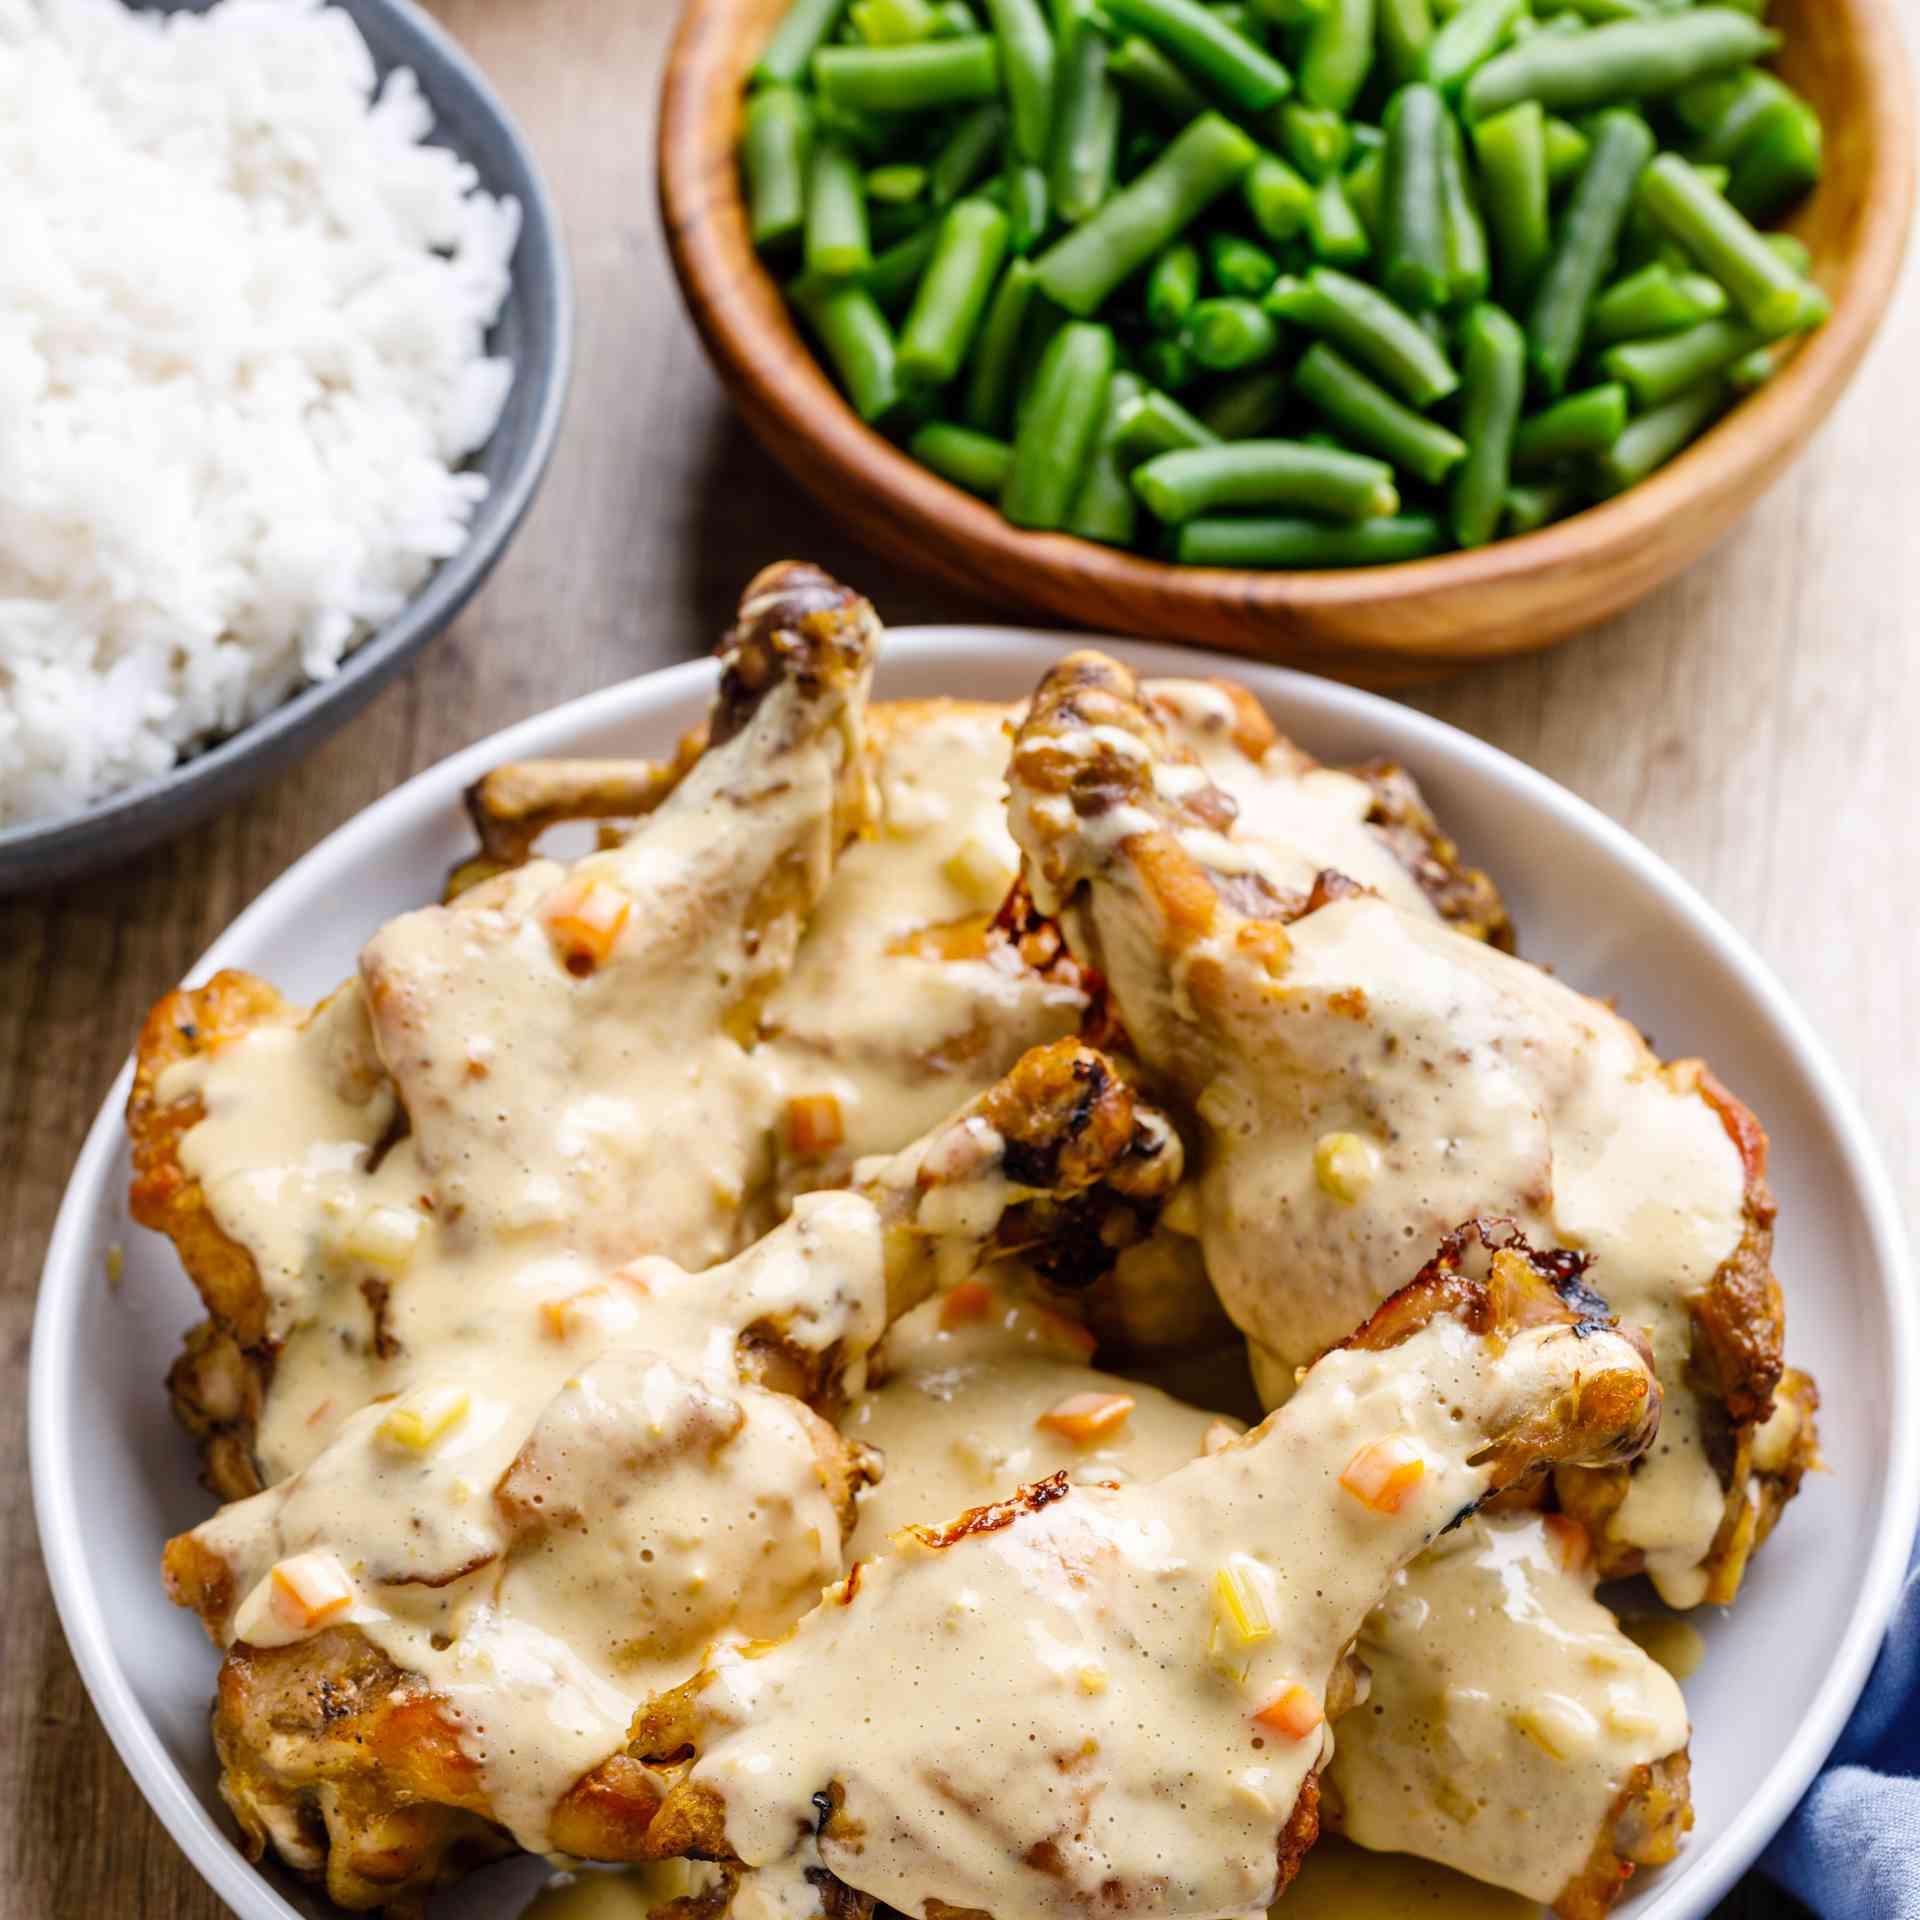 Crock pot turkey wings